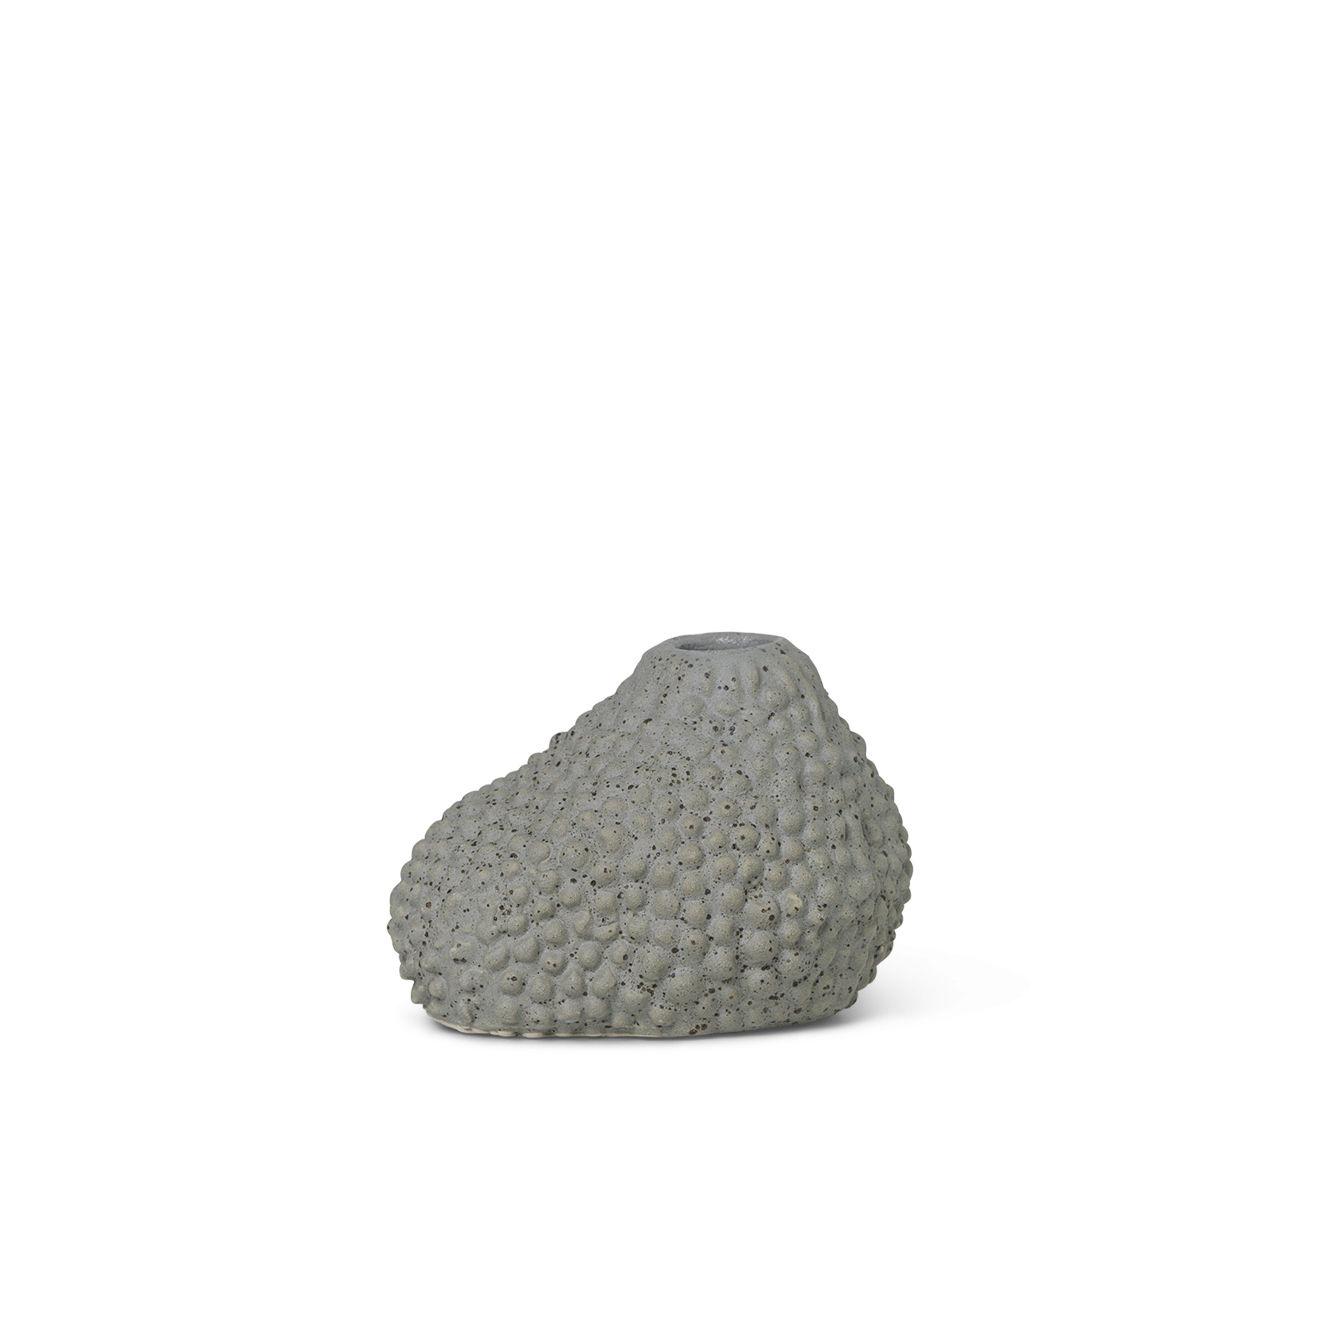 Déco - Vases - Vase Vulca Mini / Grès émaillé - Ferm Living - Points gris - Grès émaillé